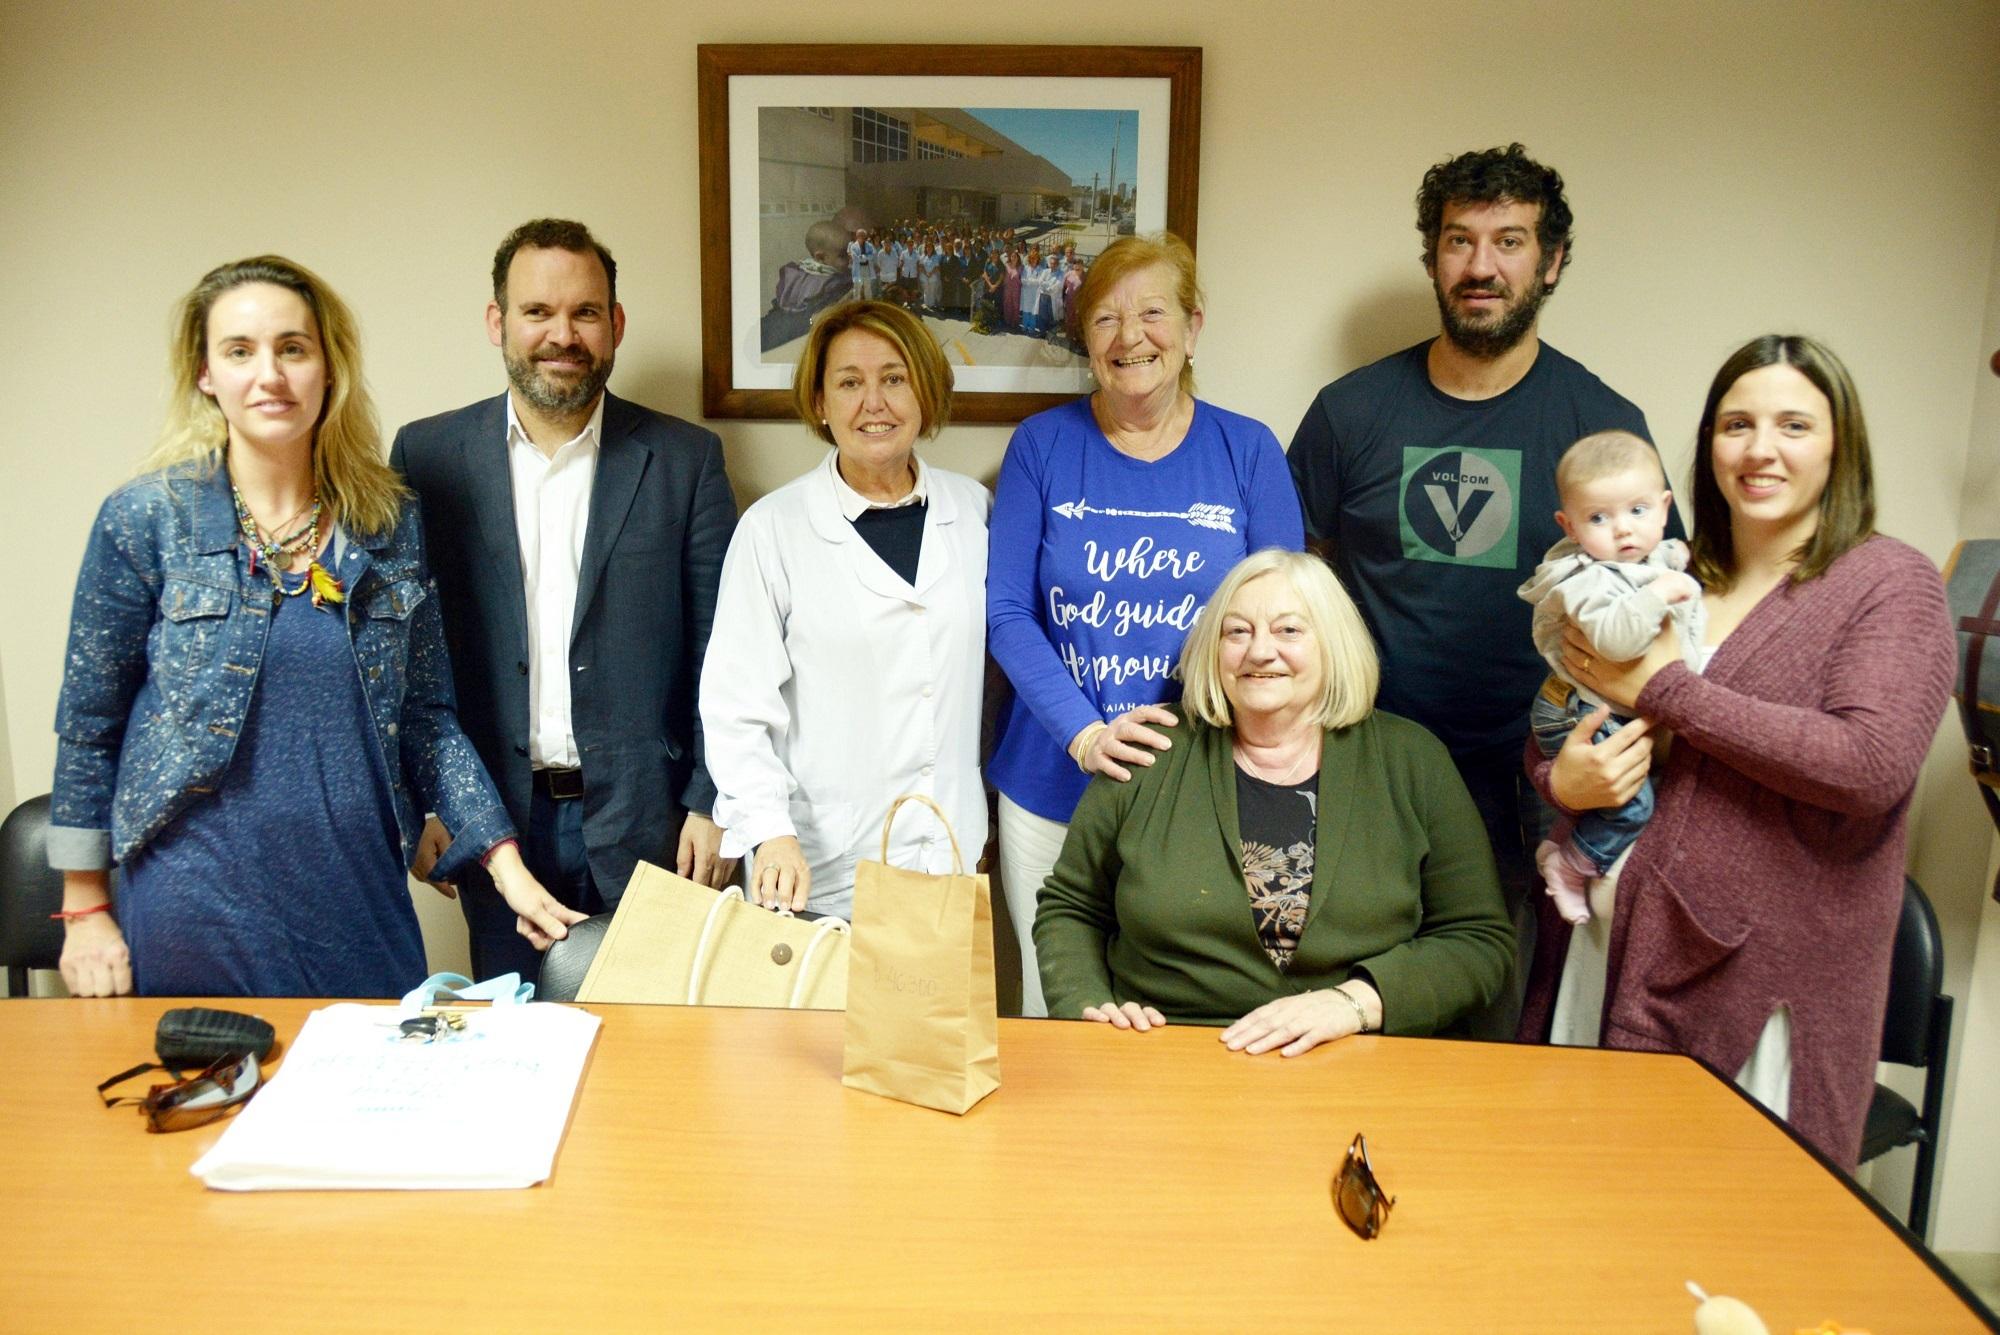 Zumbathon solidario: el Hospital de Niños recibió una donación de lo recaudado en el evento